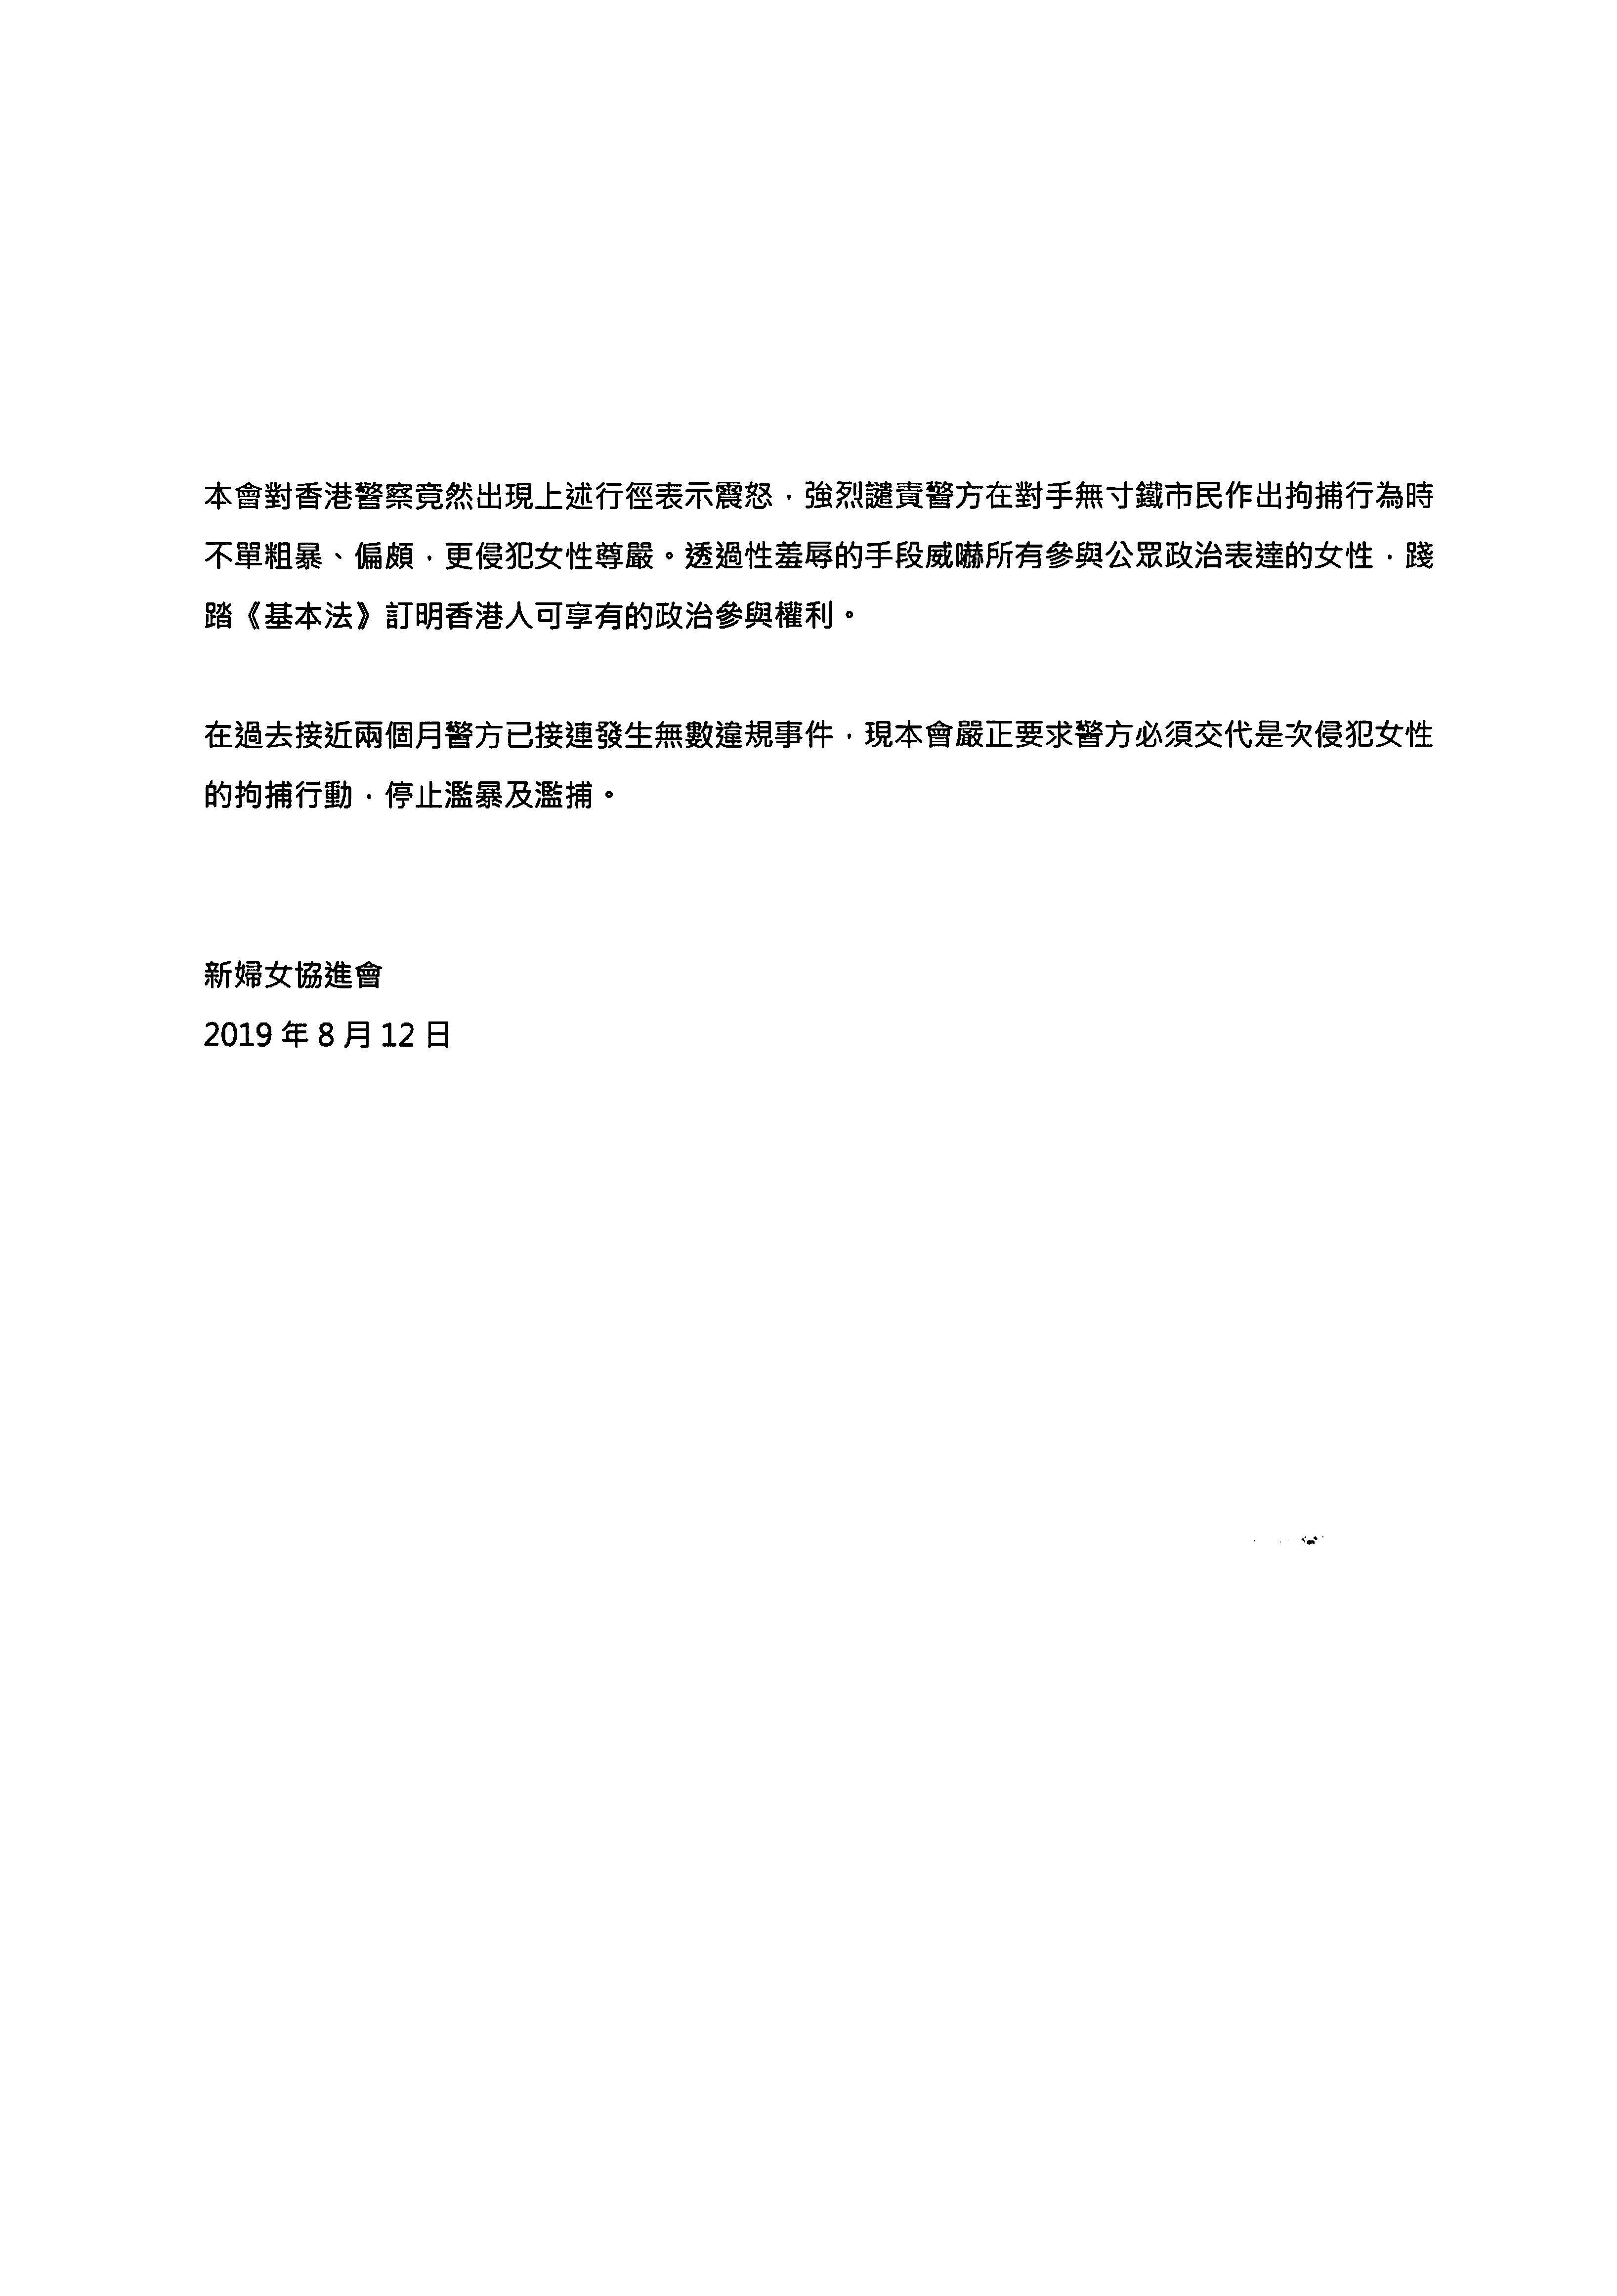 20190812_投訴警察_頁面_2